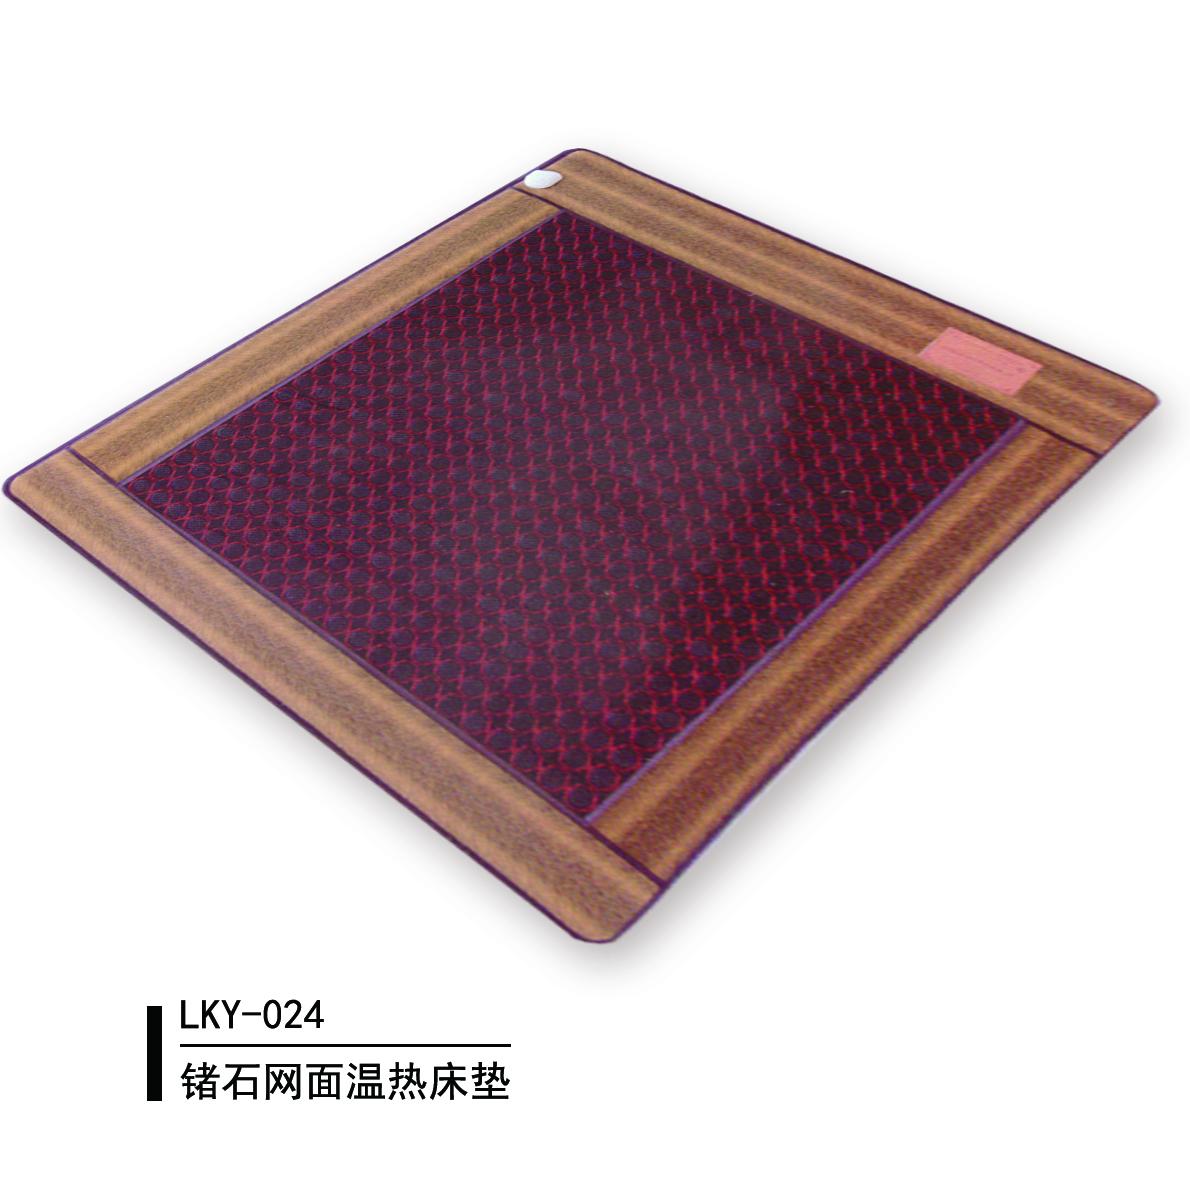 锗石网面温热床垫024